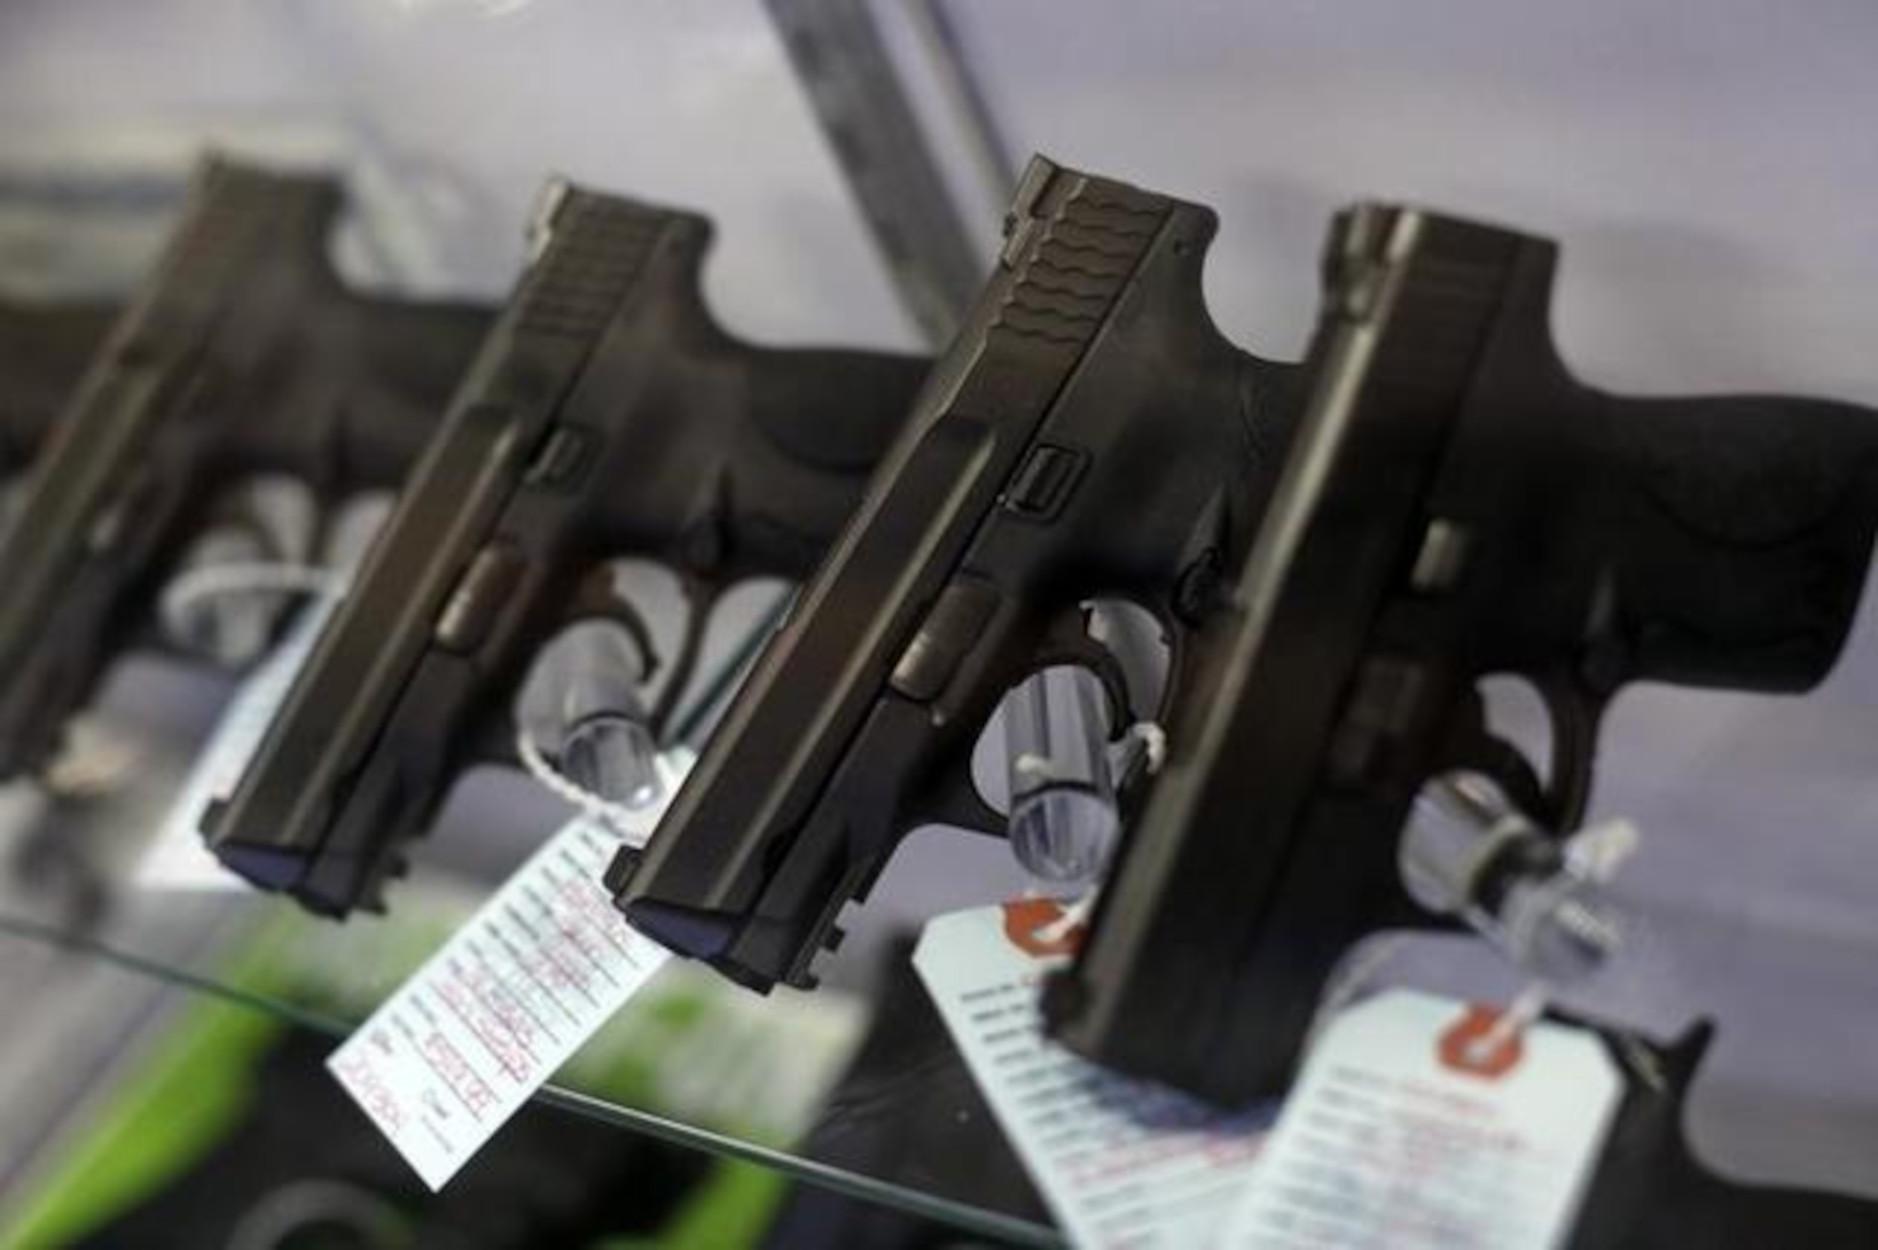 Τέξας: Ψηφίστηκε νόμος που επιτρέπει την κατοχή όπλων χωρίς καμία άδεια